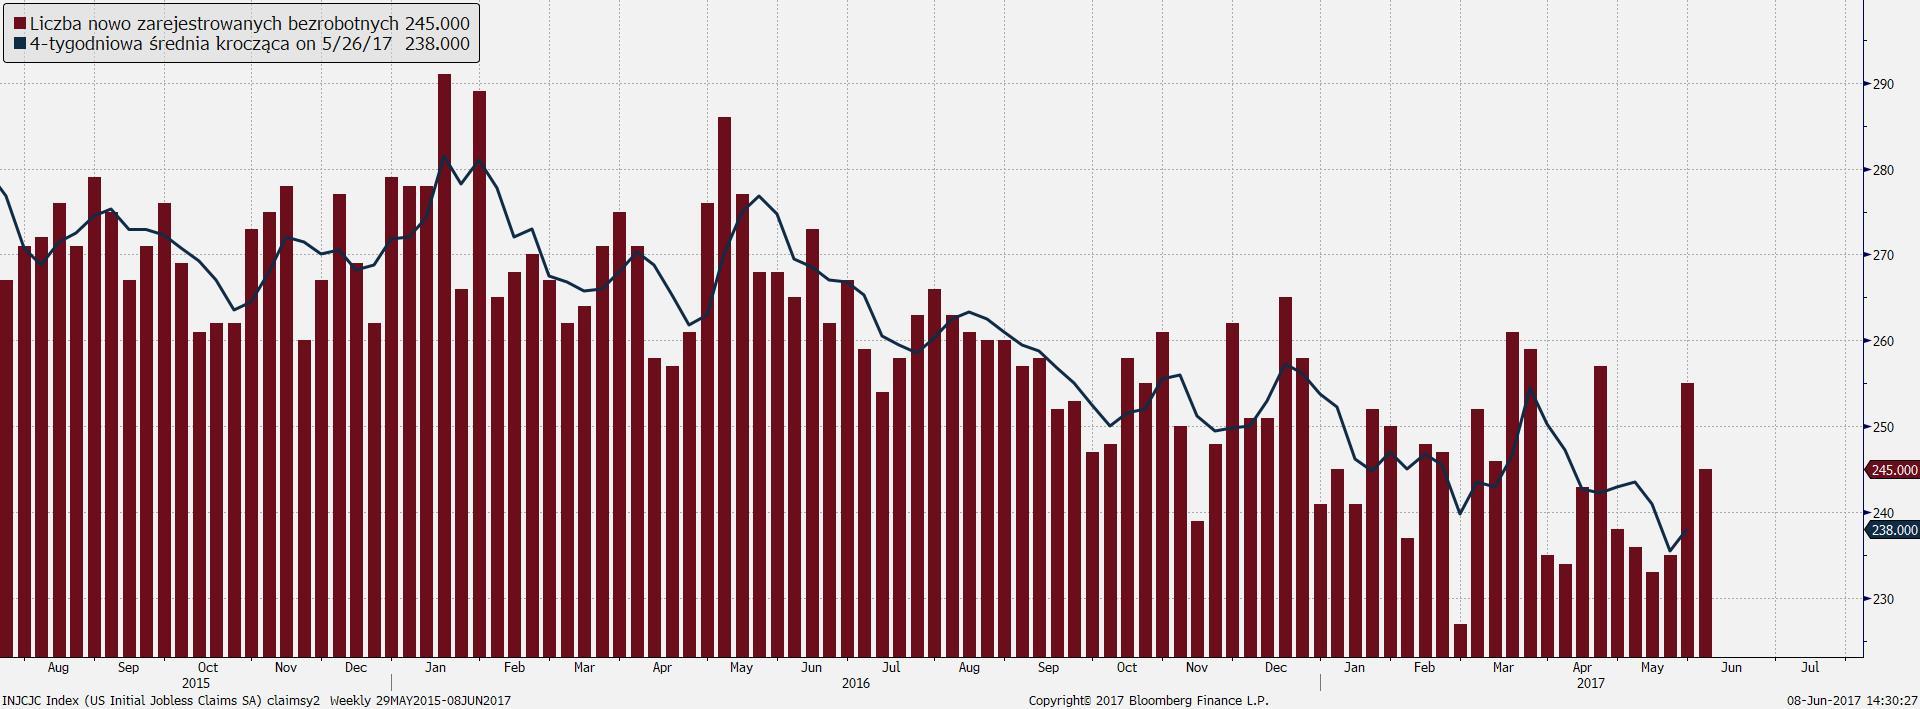 Spadek liczby nowo zarejestrowanych bezrobotnych